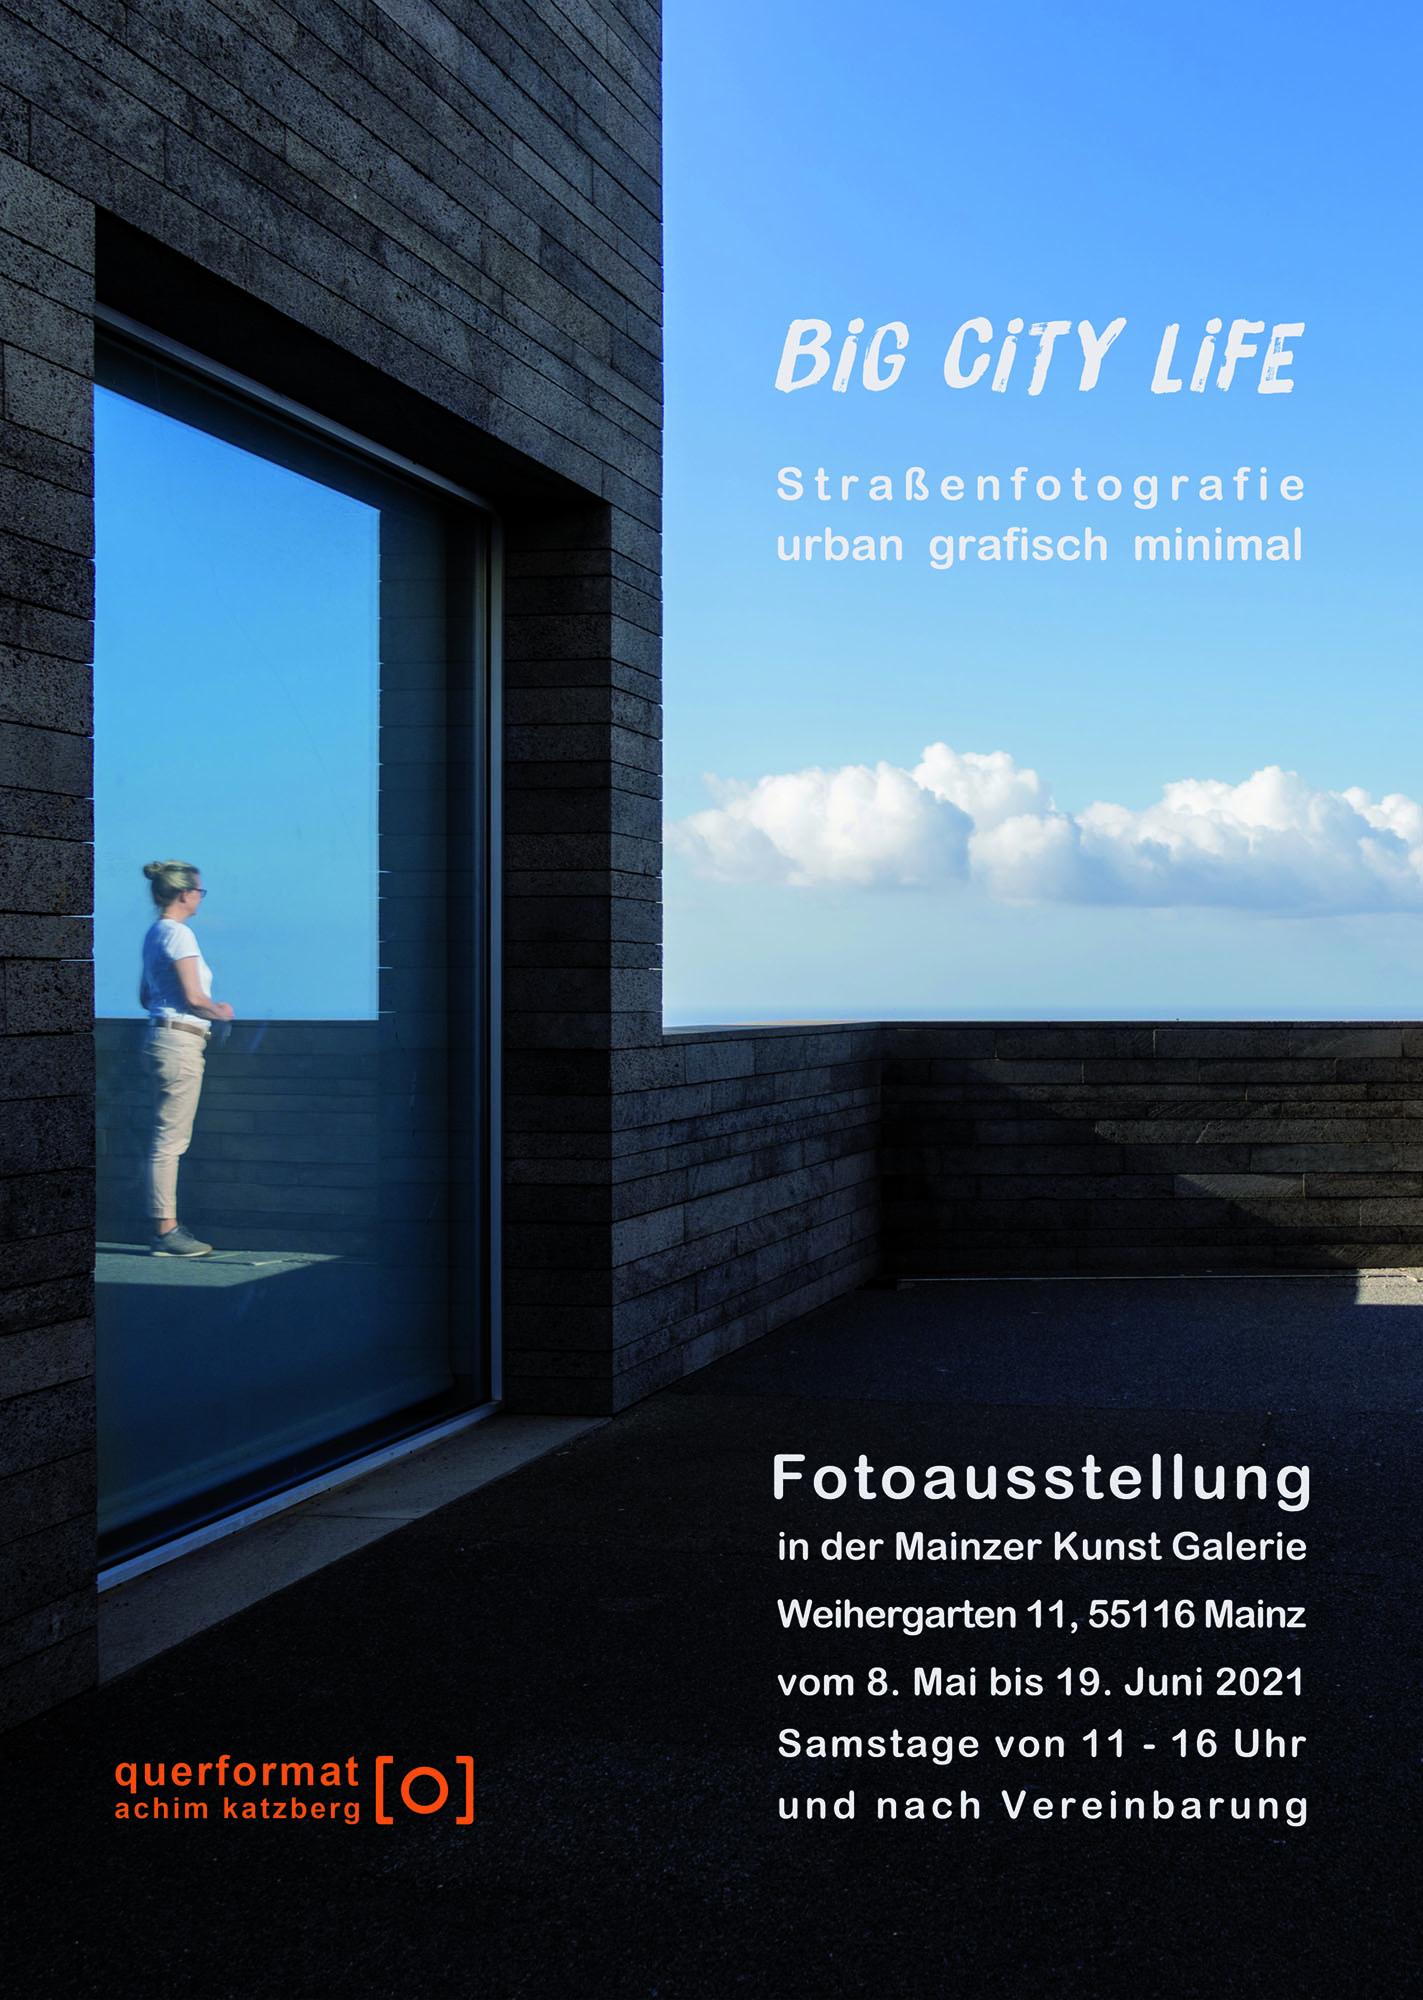 querformat-fotografie - Achim Katzberg - Triple A+ bei querformat-fotografie - Plakat_A3_web